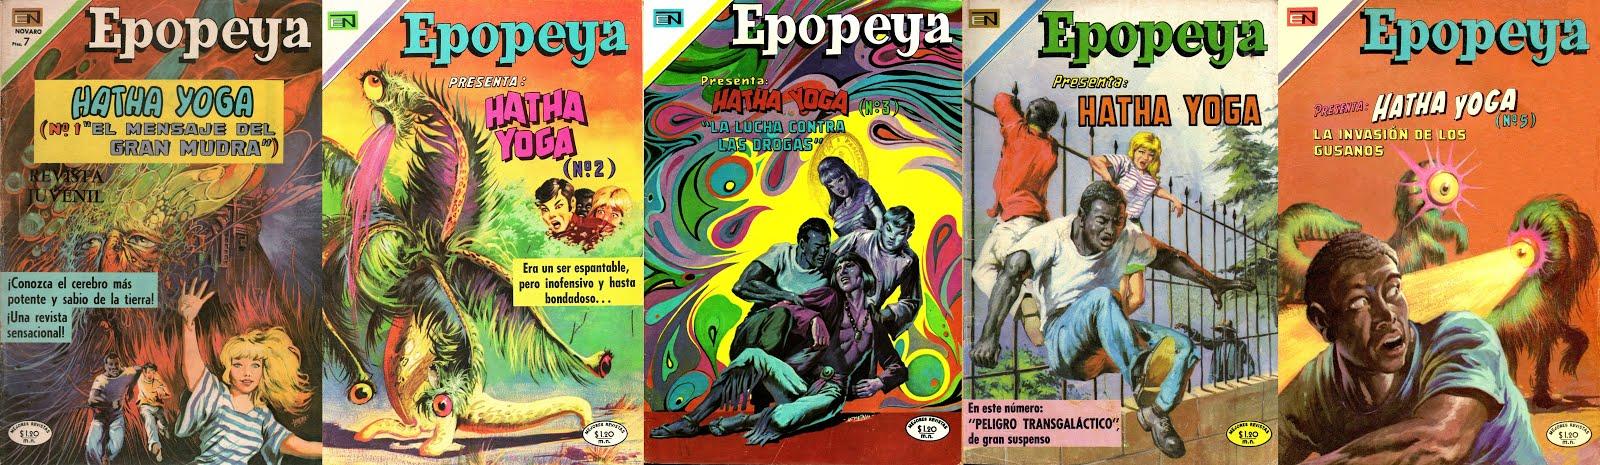 Hatha-Yoga en Epopeya Novaro